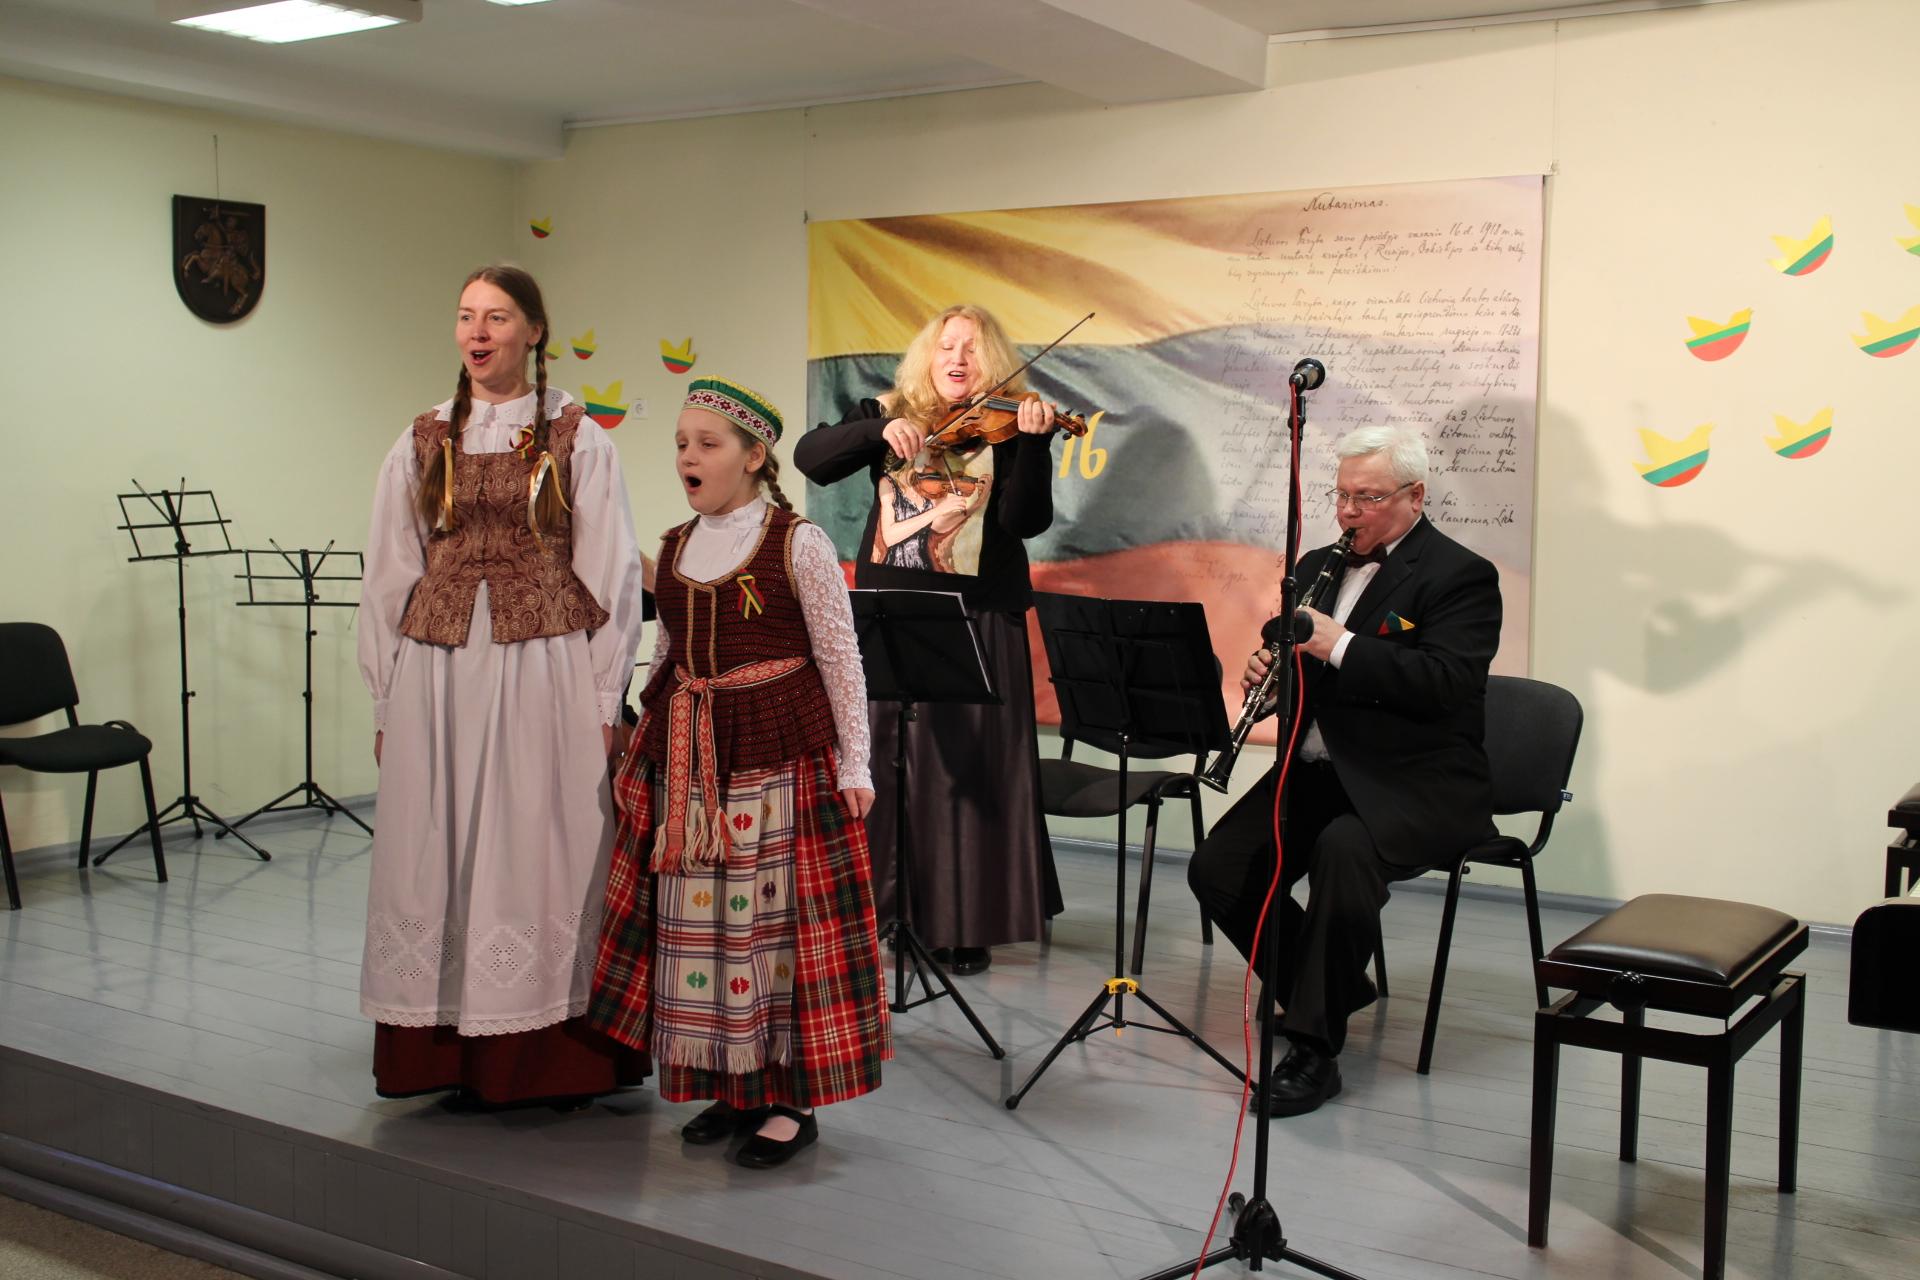 Vasario 16-osios išvakarėse prisiminė Lietuvos kūrėjus